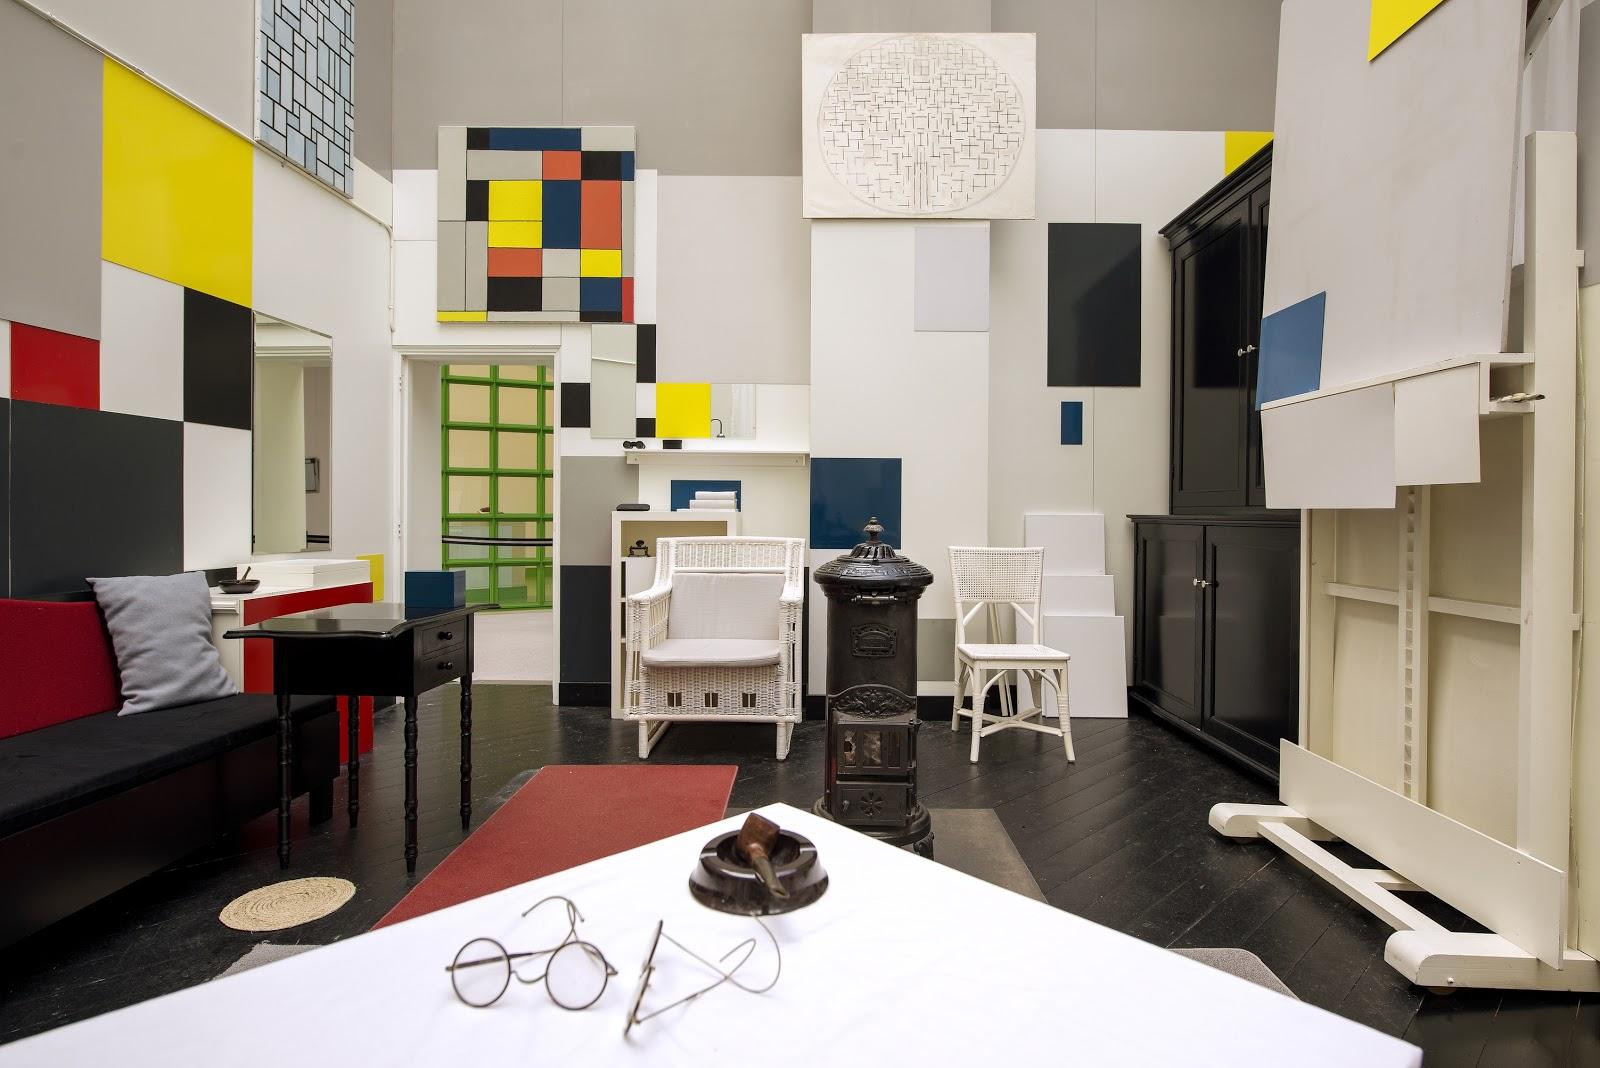 Testi d 39 arte contemporanea mythos atelier da spitzweg a picasso da giacometti a - Schorsing stijl atelier ...